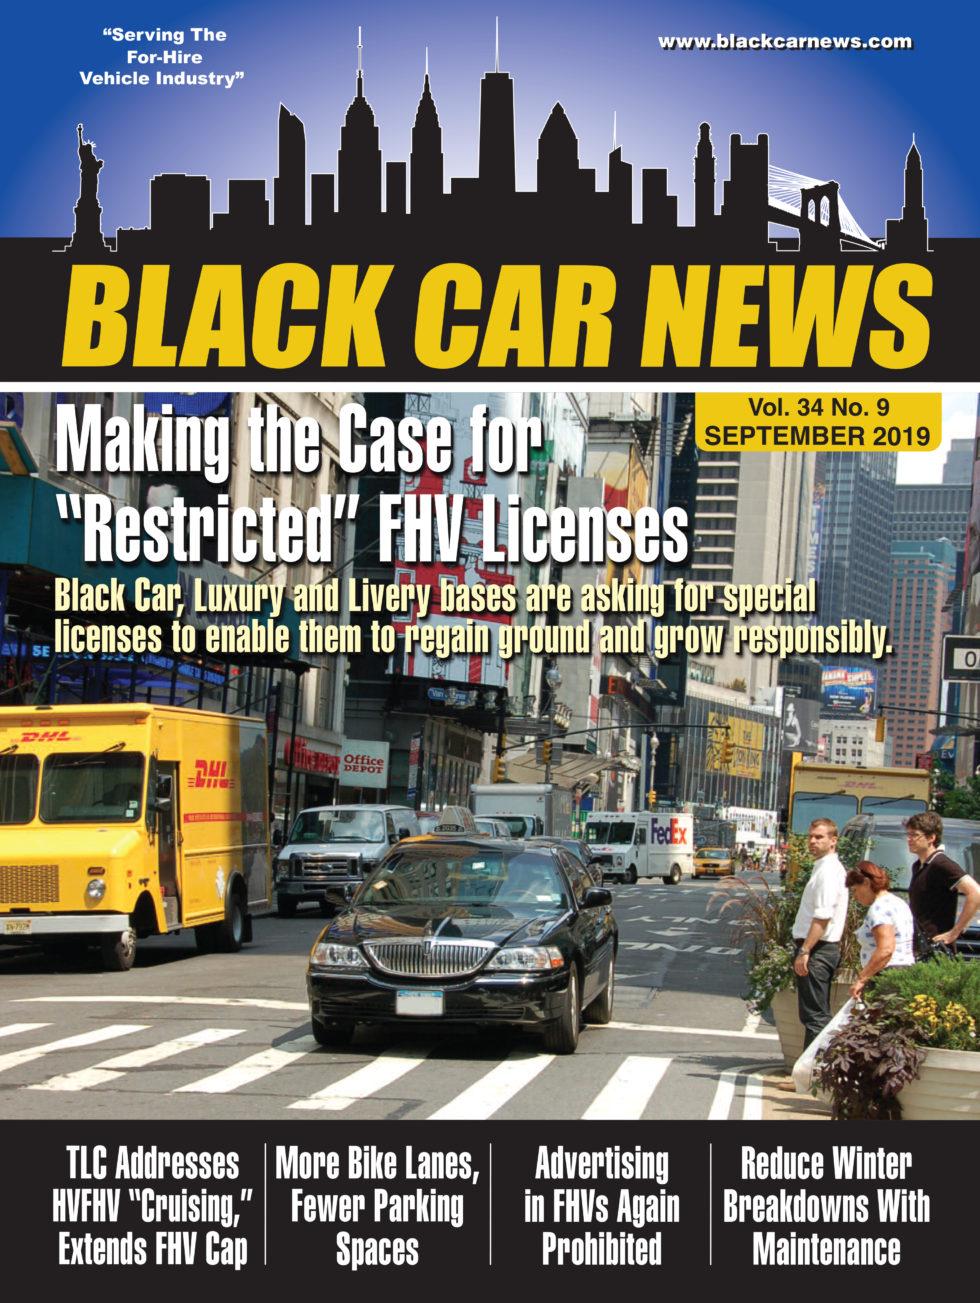 Black Car News - September 2019 - Vol  34 No  09